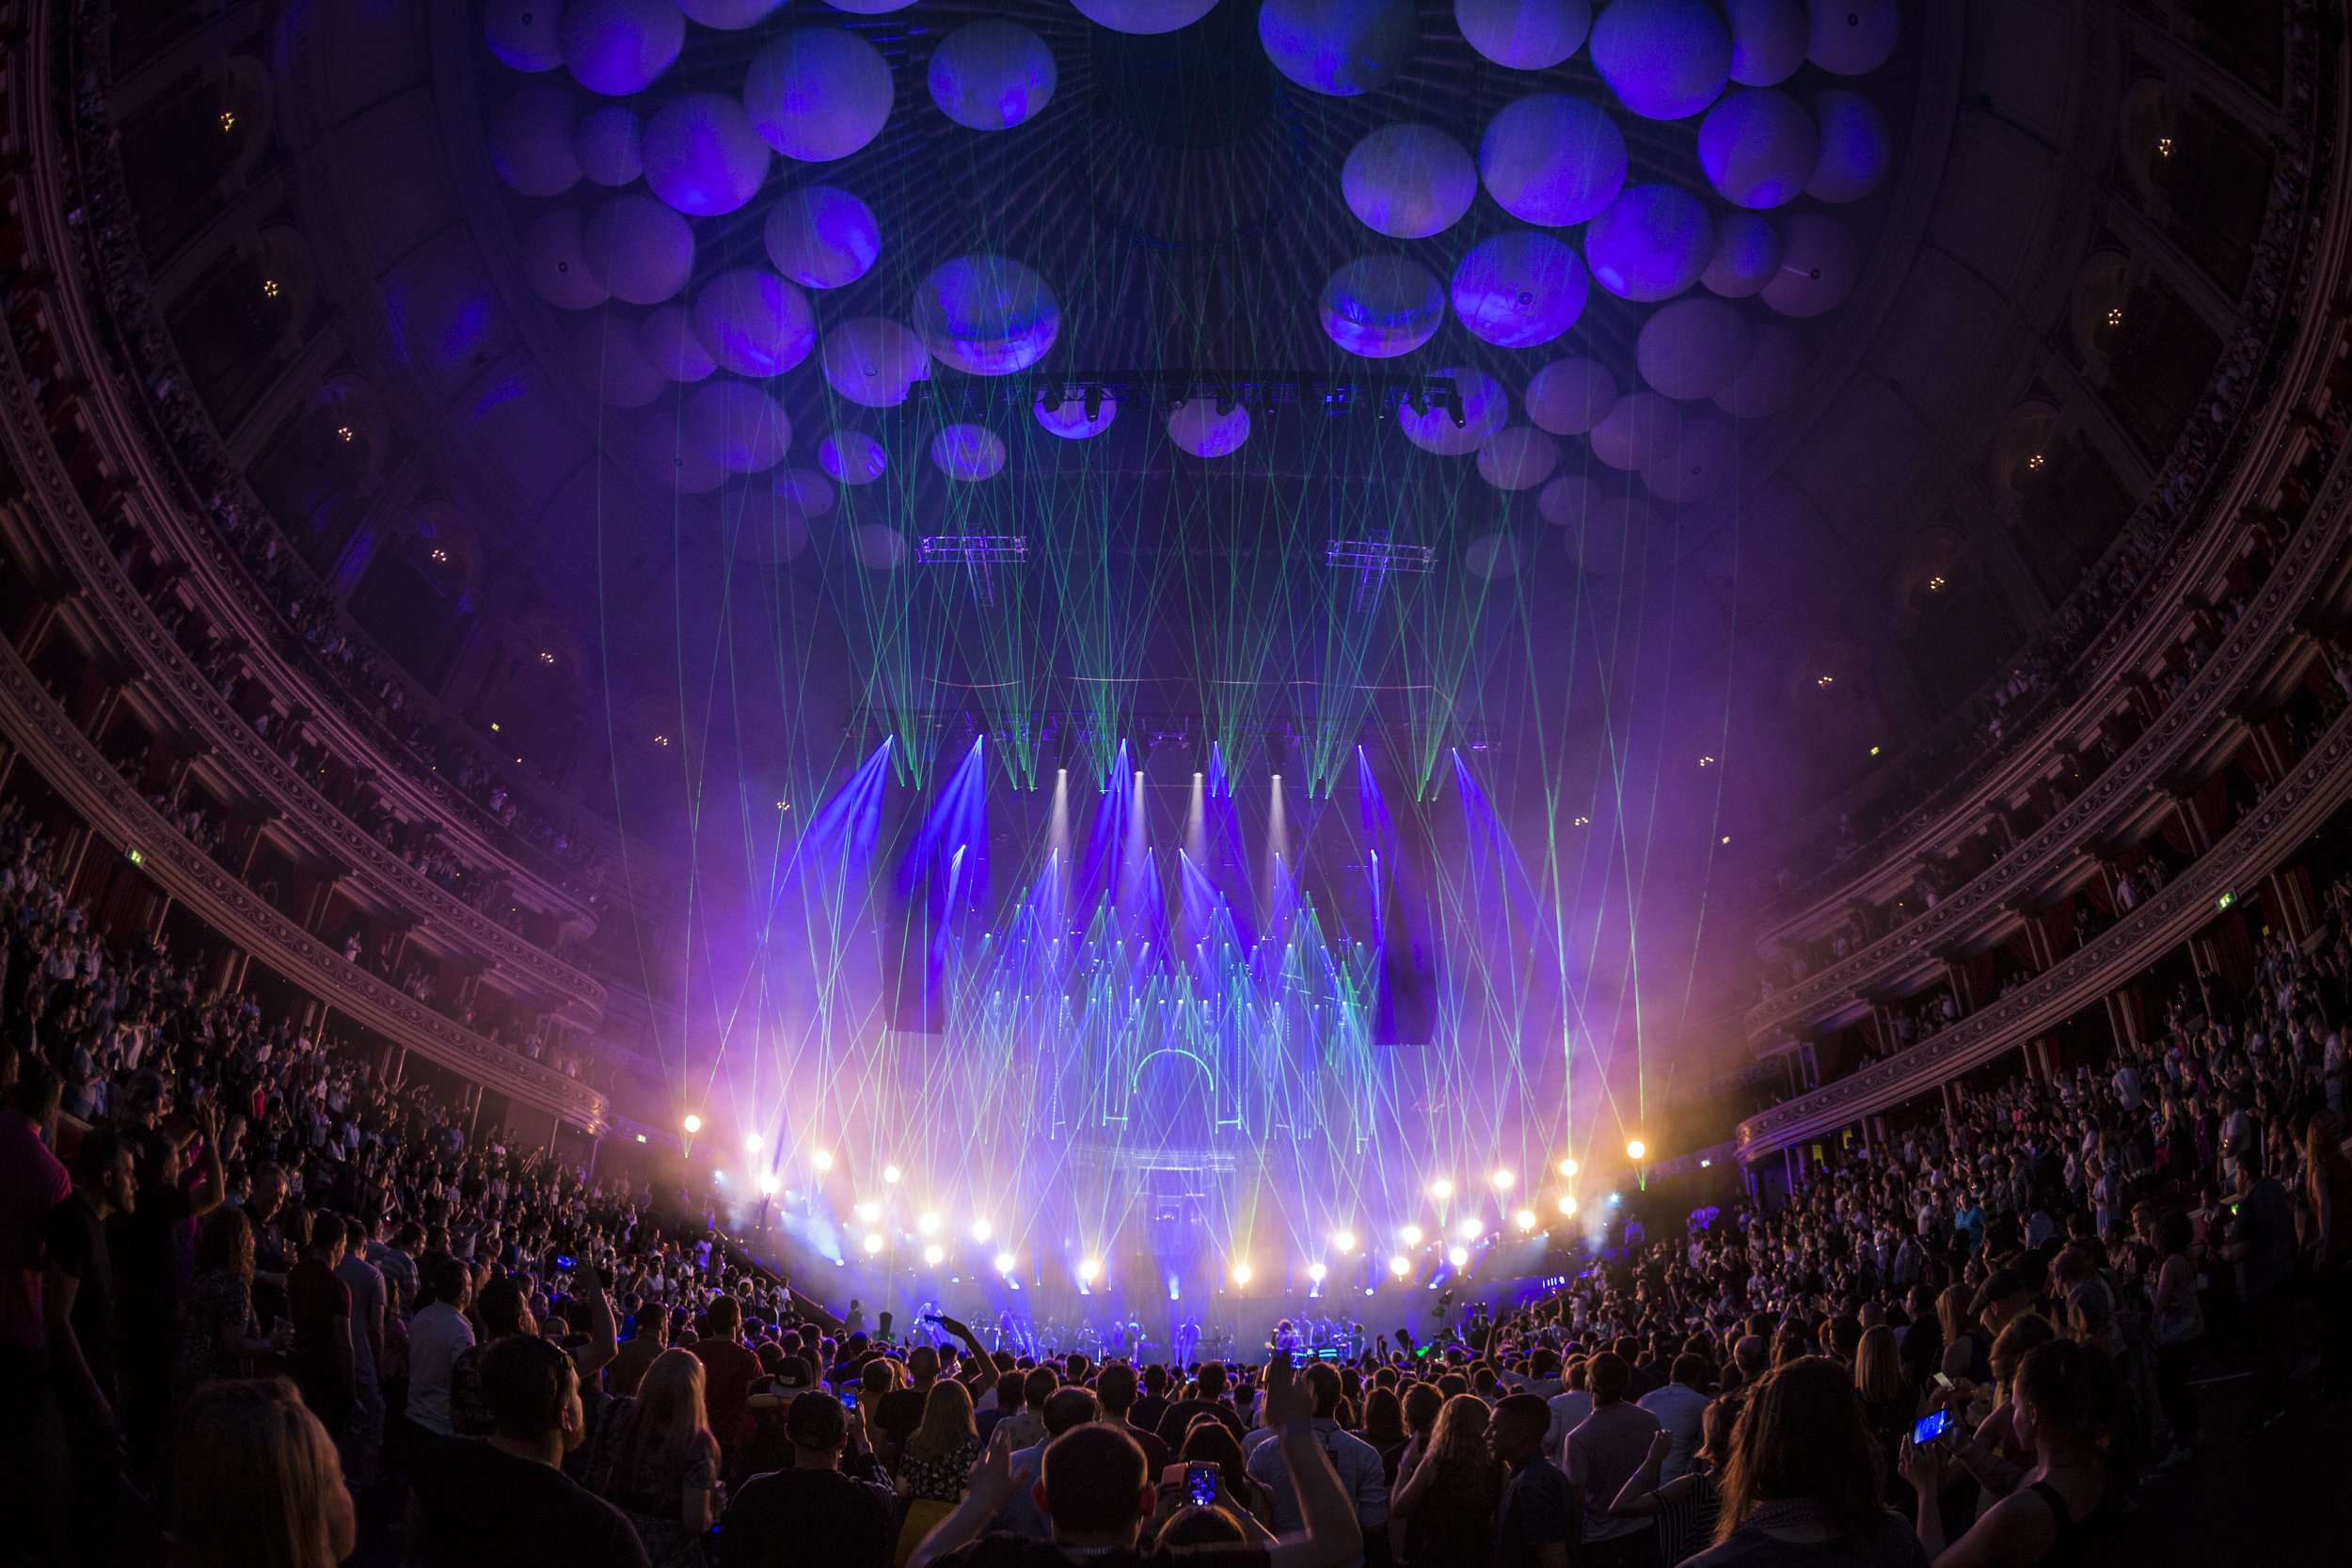 Sigma Live - Royal Albert Hall